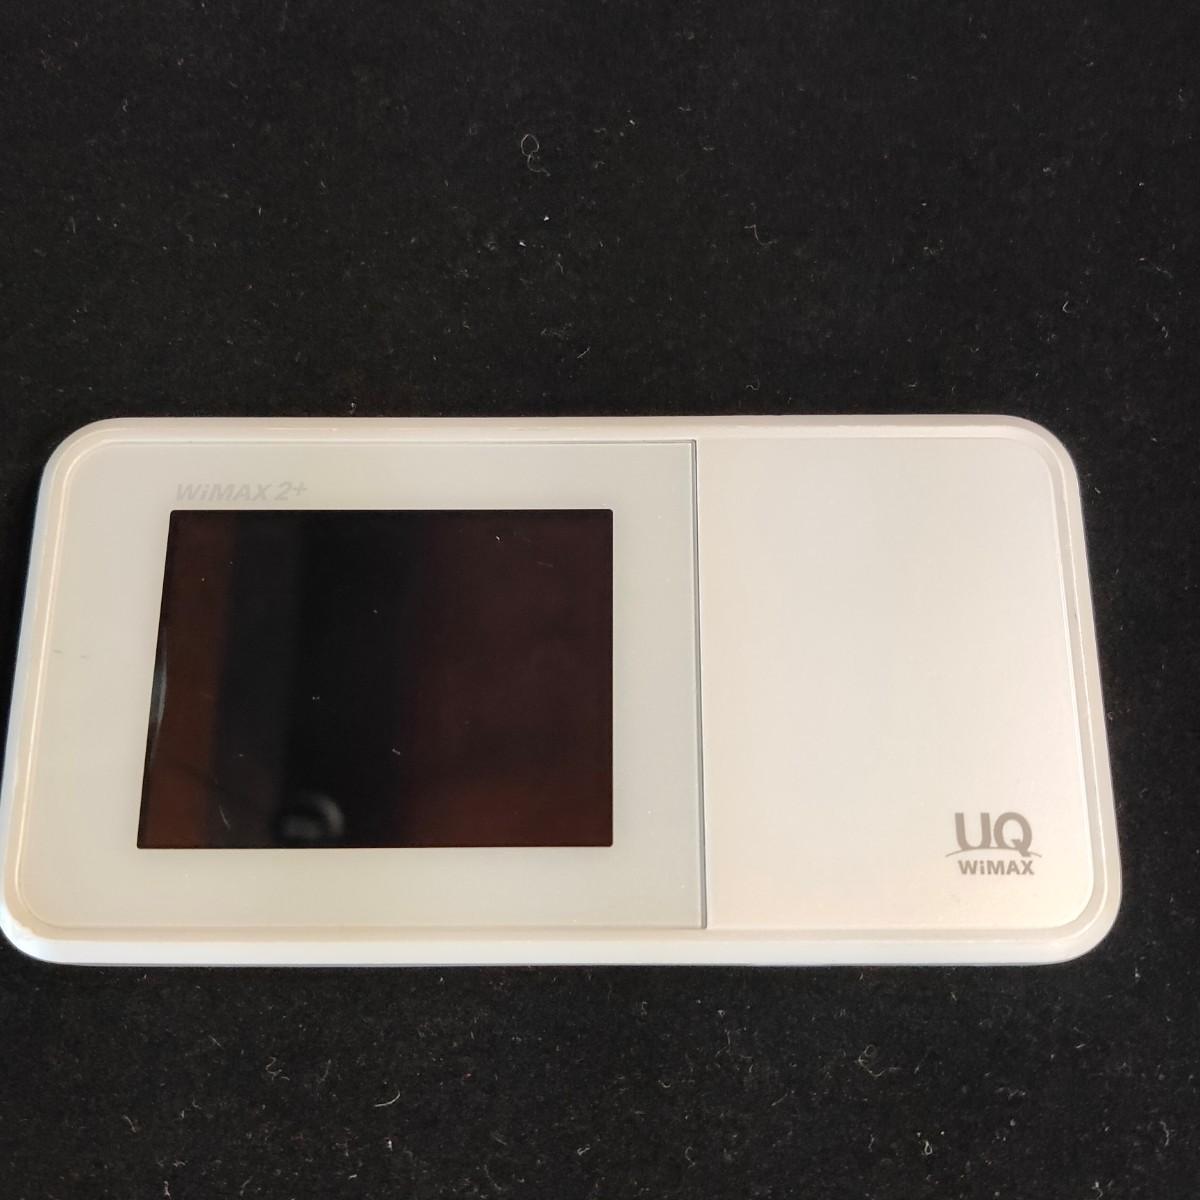 [値下げ]speed WiFi next w03 クレードル 付き☆楽天モバイル設定済み Wi-Fi NEXT WiMAX